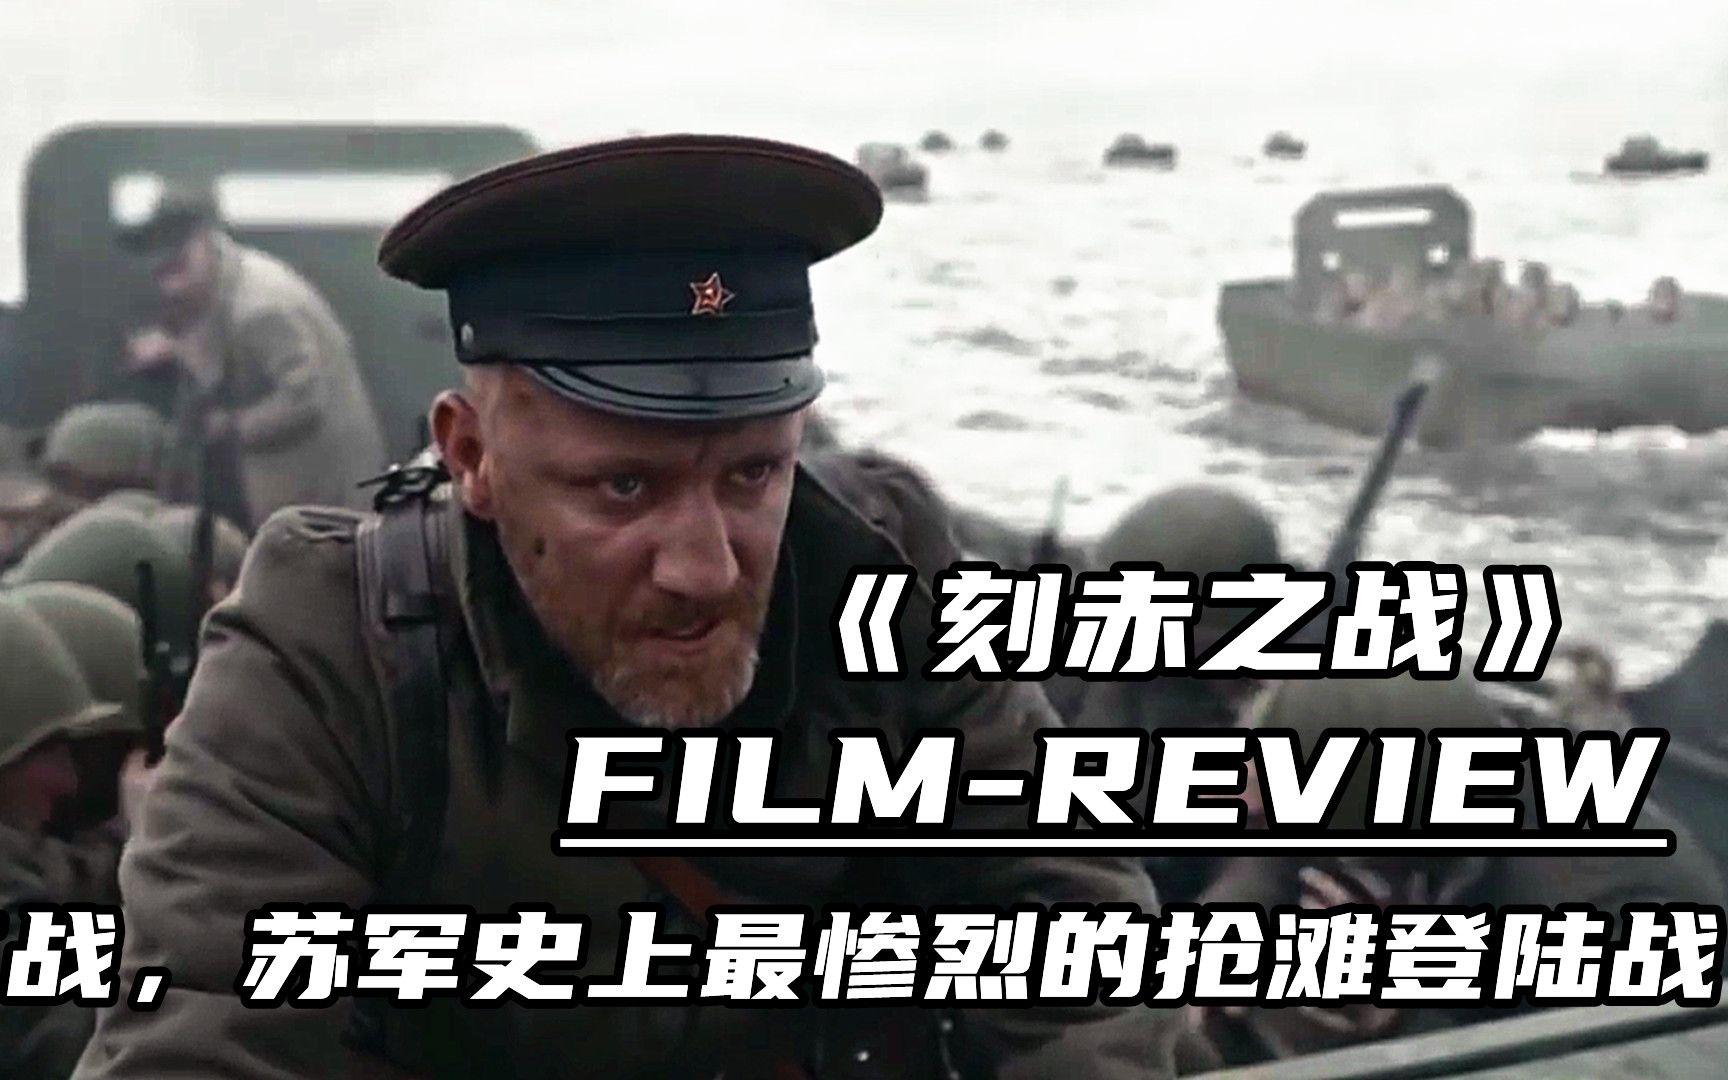 二战片,苏军史上第一次抢滩登陆战,用人海战术堆积的掩体,惨烈